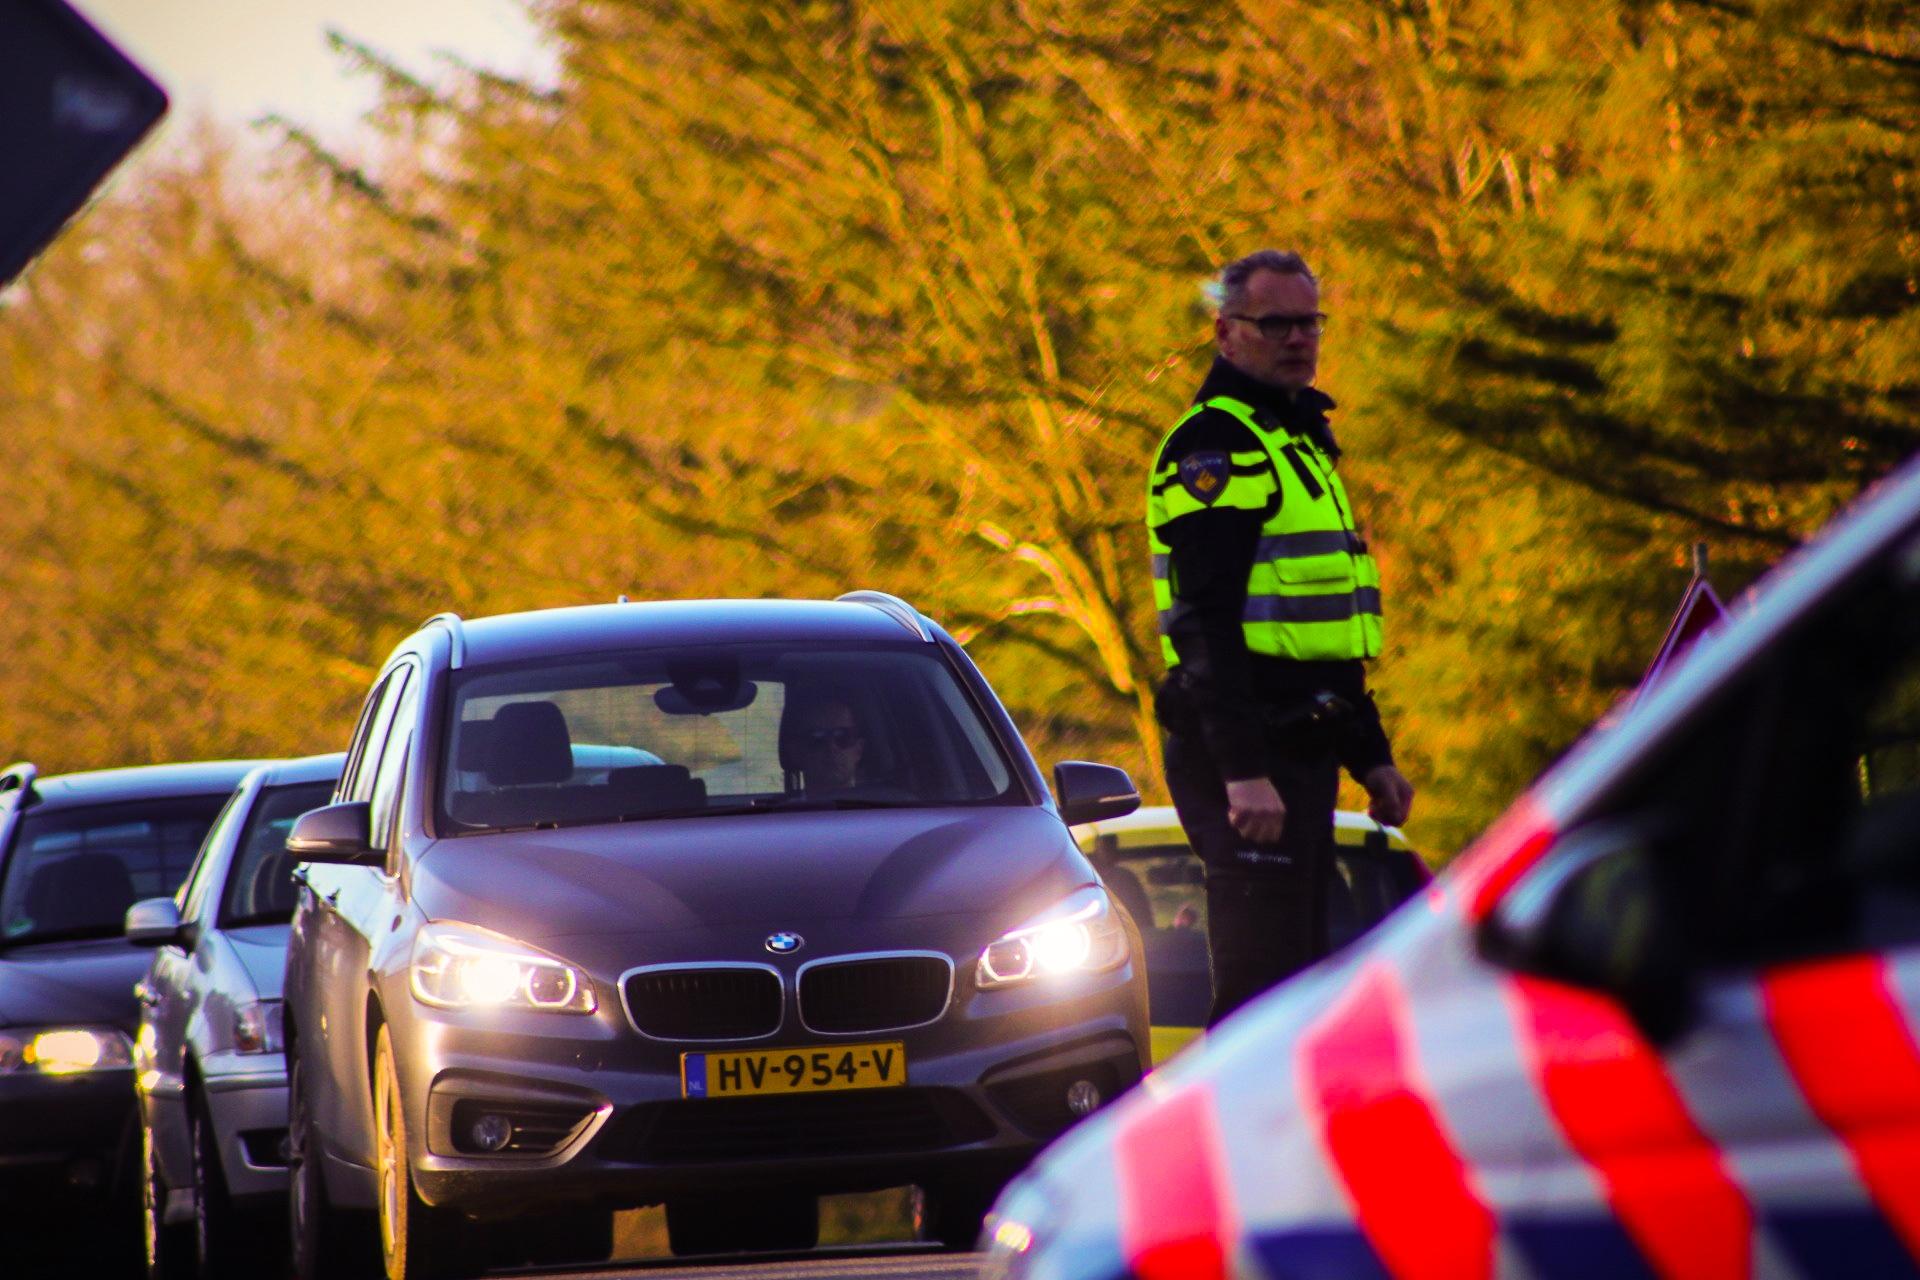 Vertraging door ongeval in Beekbergen